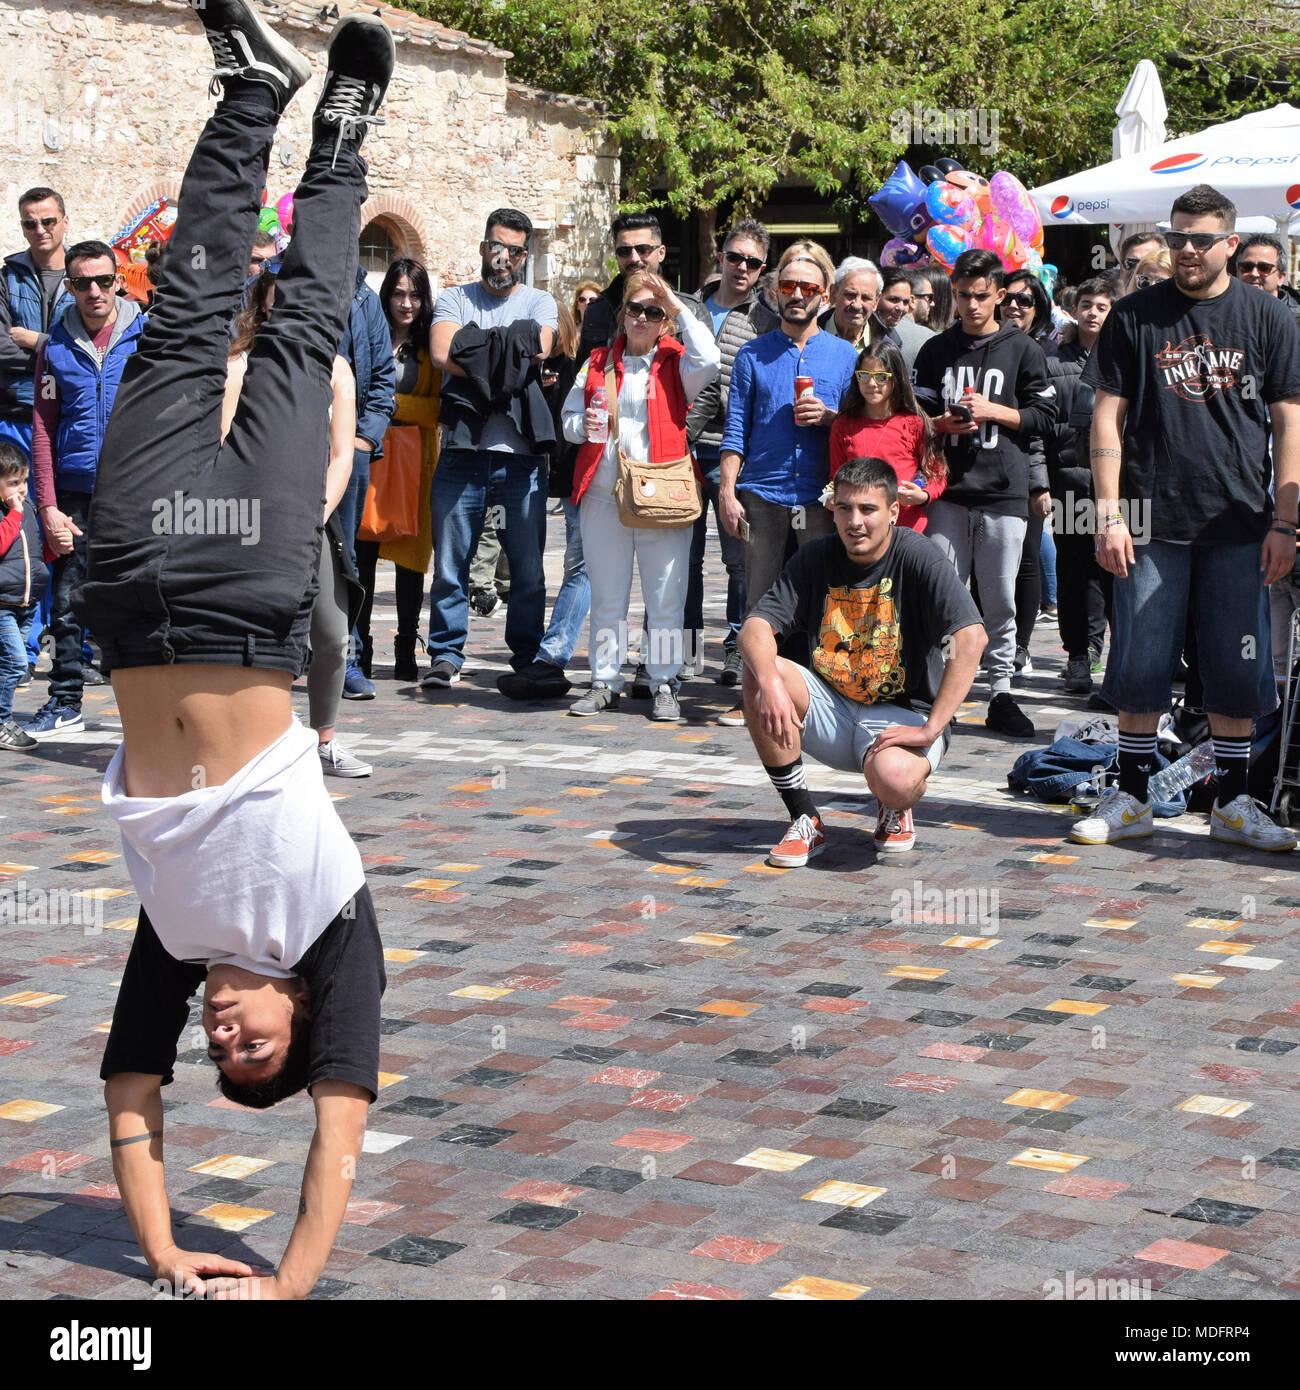 Atenas, Grecia - Abril 1, 2018: el hombre realiza breakdance pino mover y multitud de gente mirando. La cultura juvenil de baile callejero. Imagen De Stock